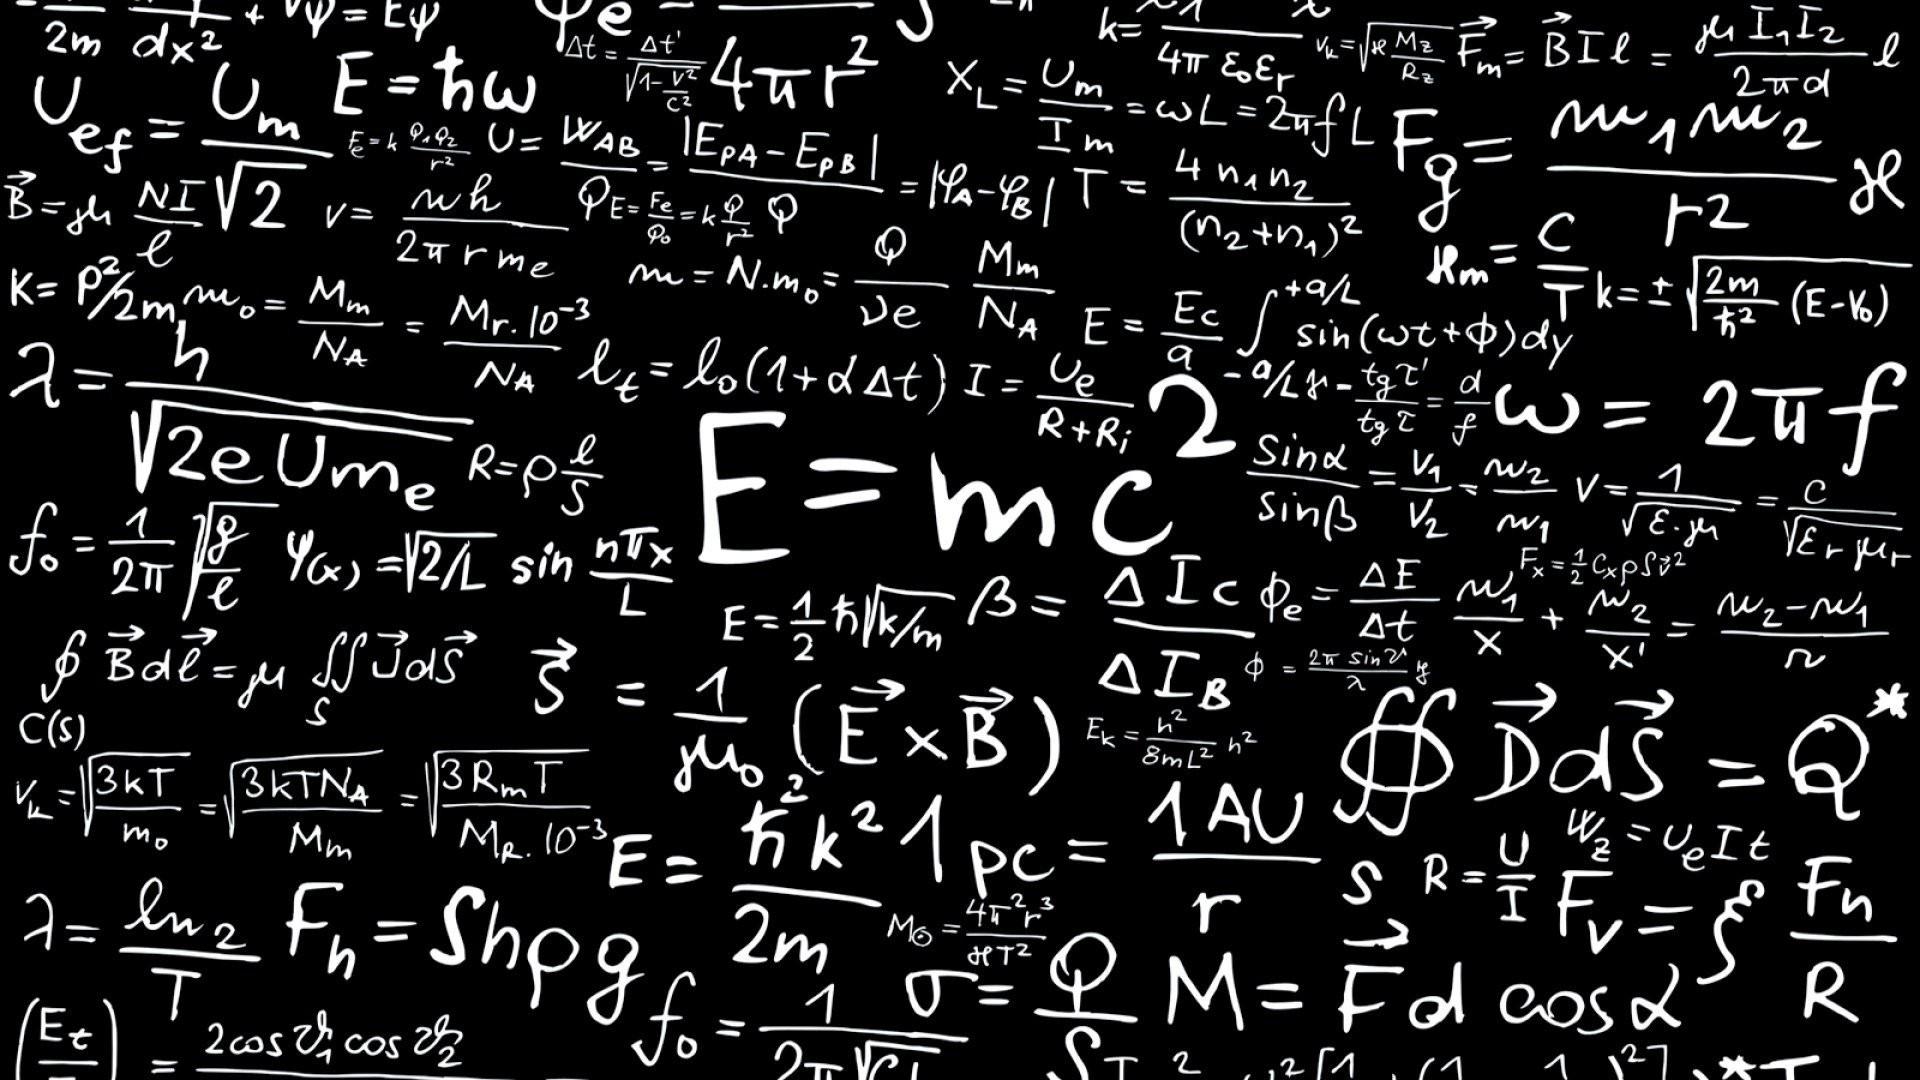 Science Albert Einstein Formulas Mathematics Physics